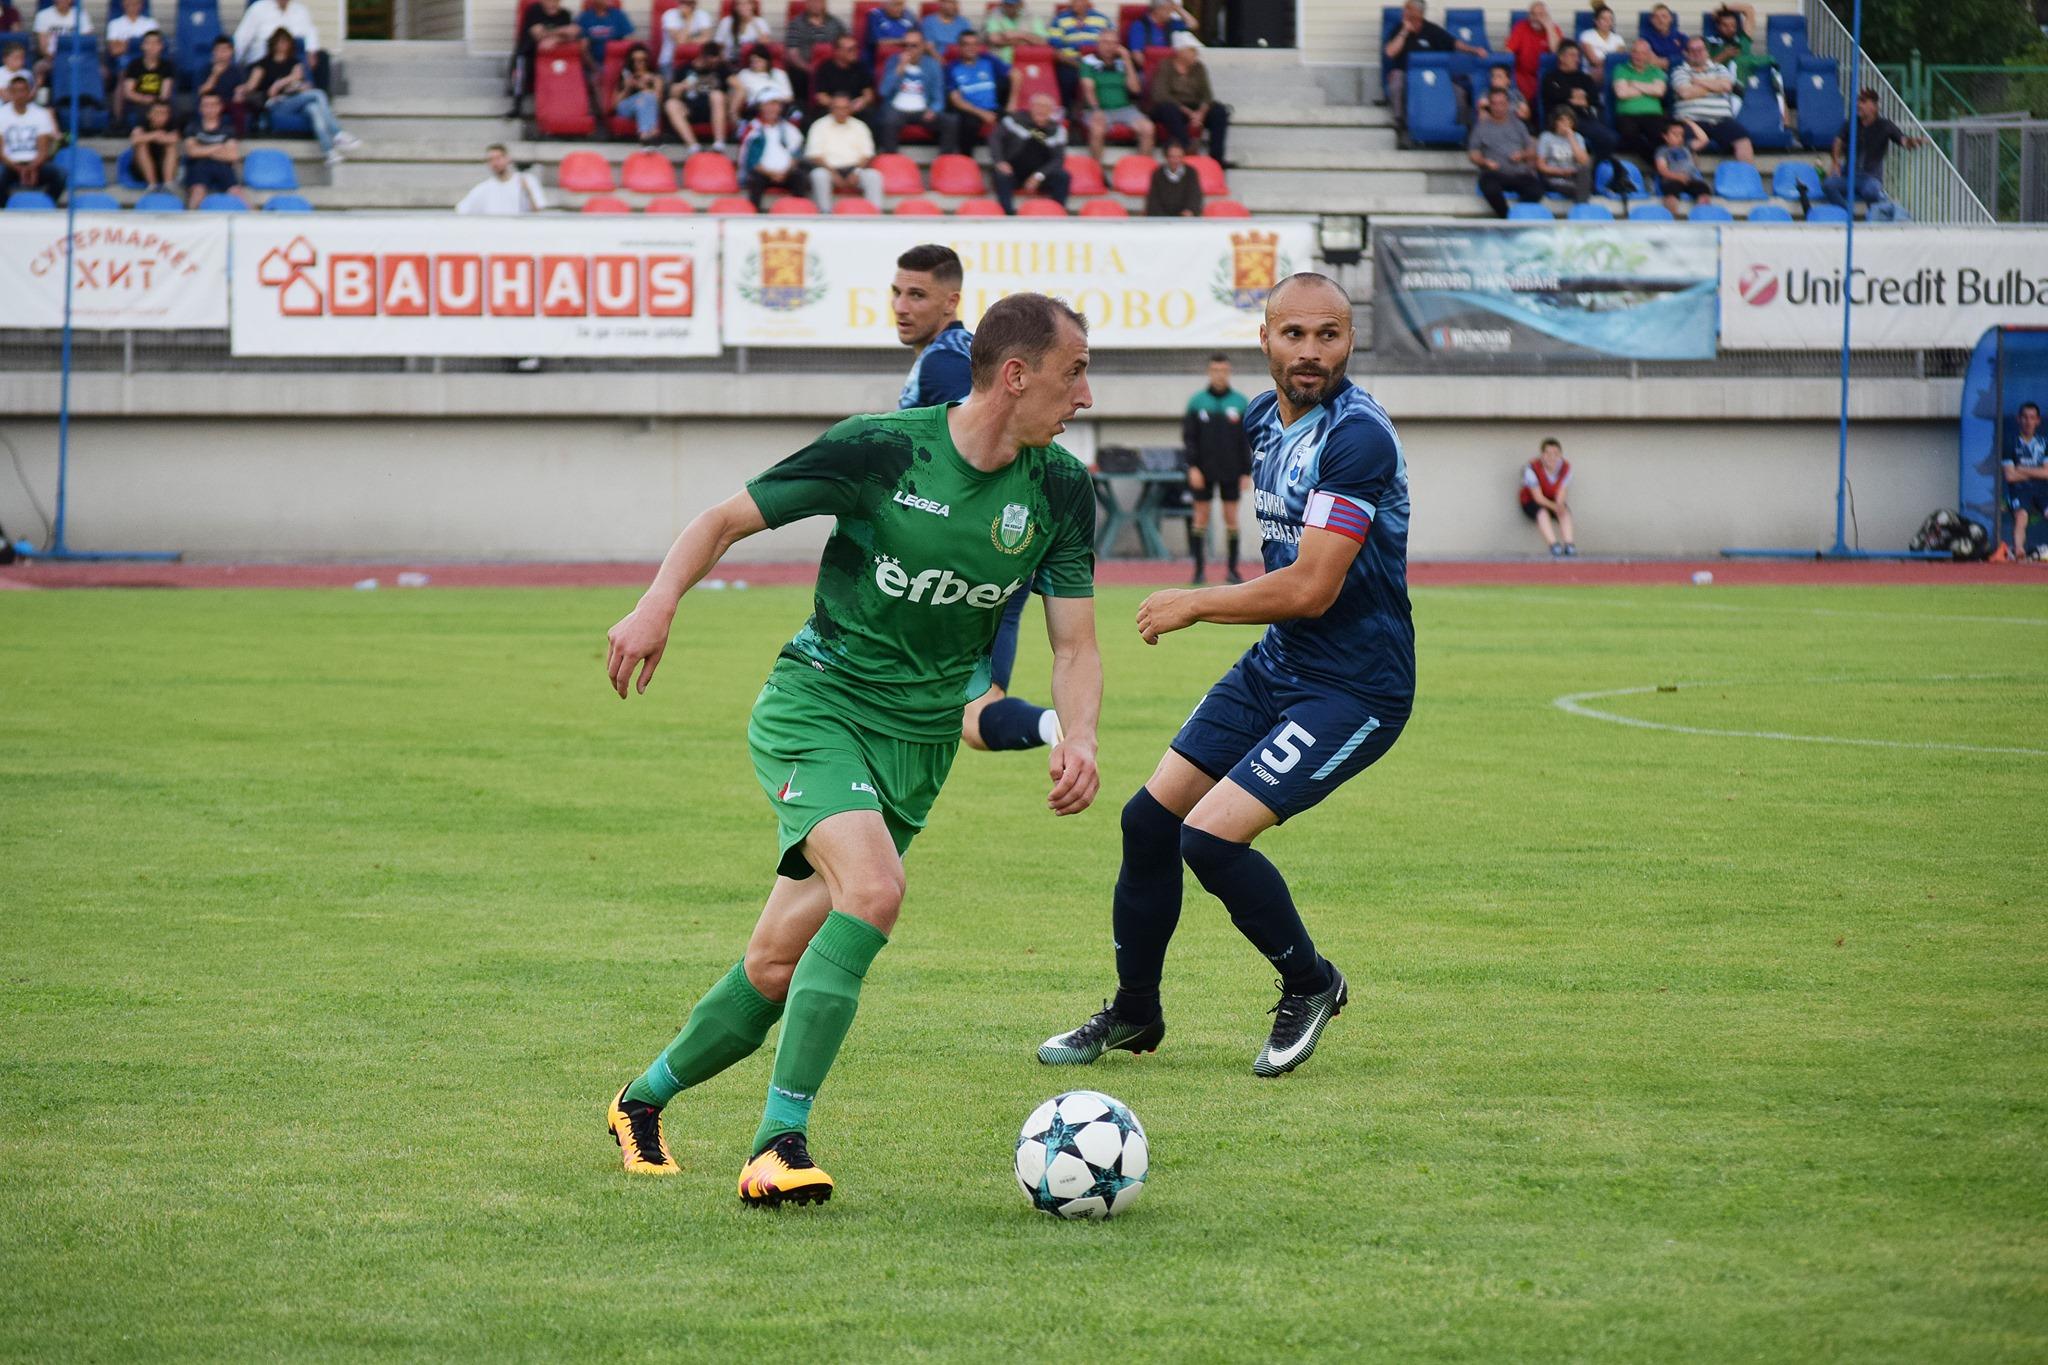 """Велев беше един от малкото пазарджиклии в отбора на """"зелените"""", но явно му е писнало да търка скамейката при Николай Митов и ще предпочете да играе по-често, но в Югозападната трета лига."""